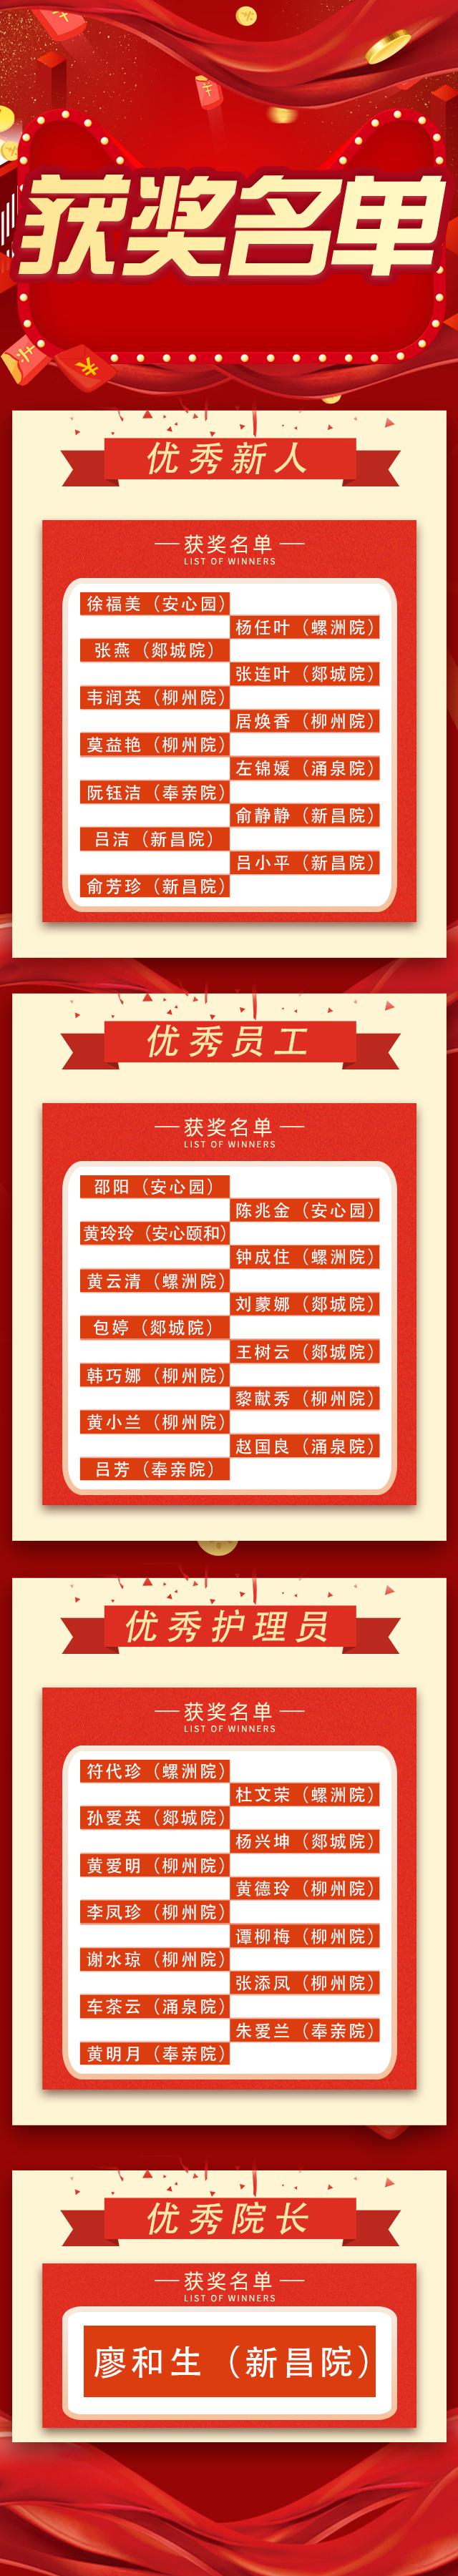 zhongjinagmingd1